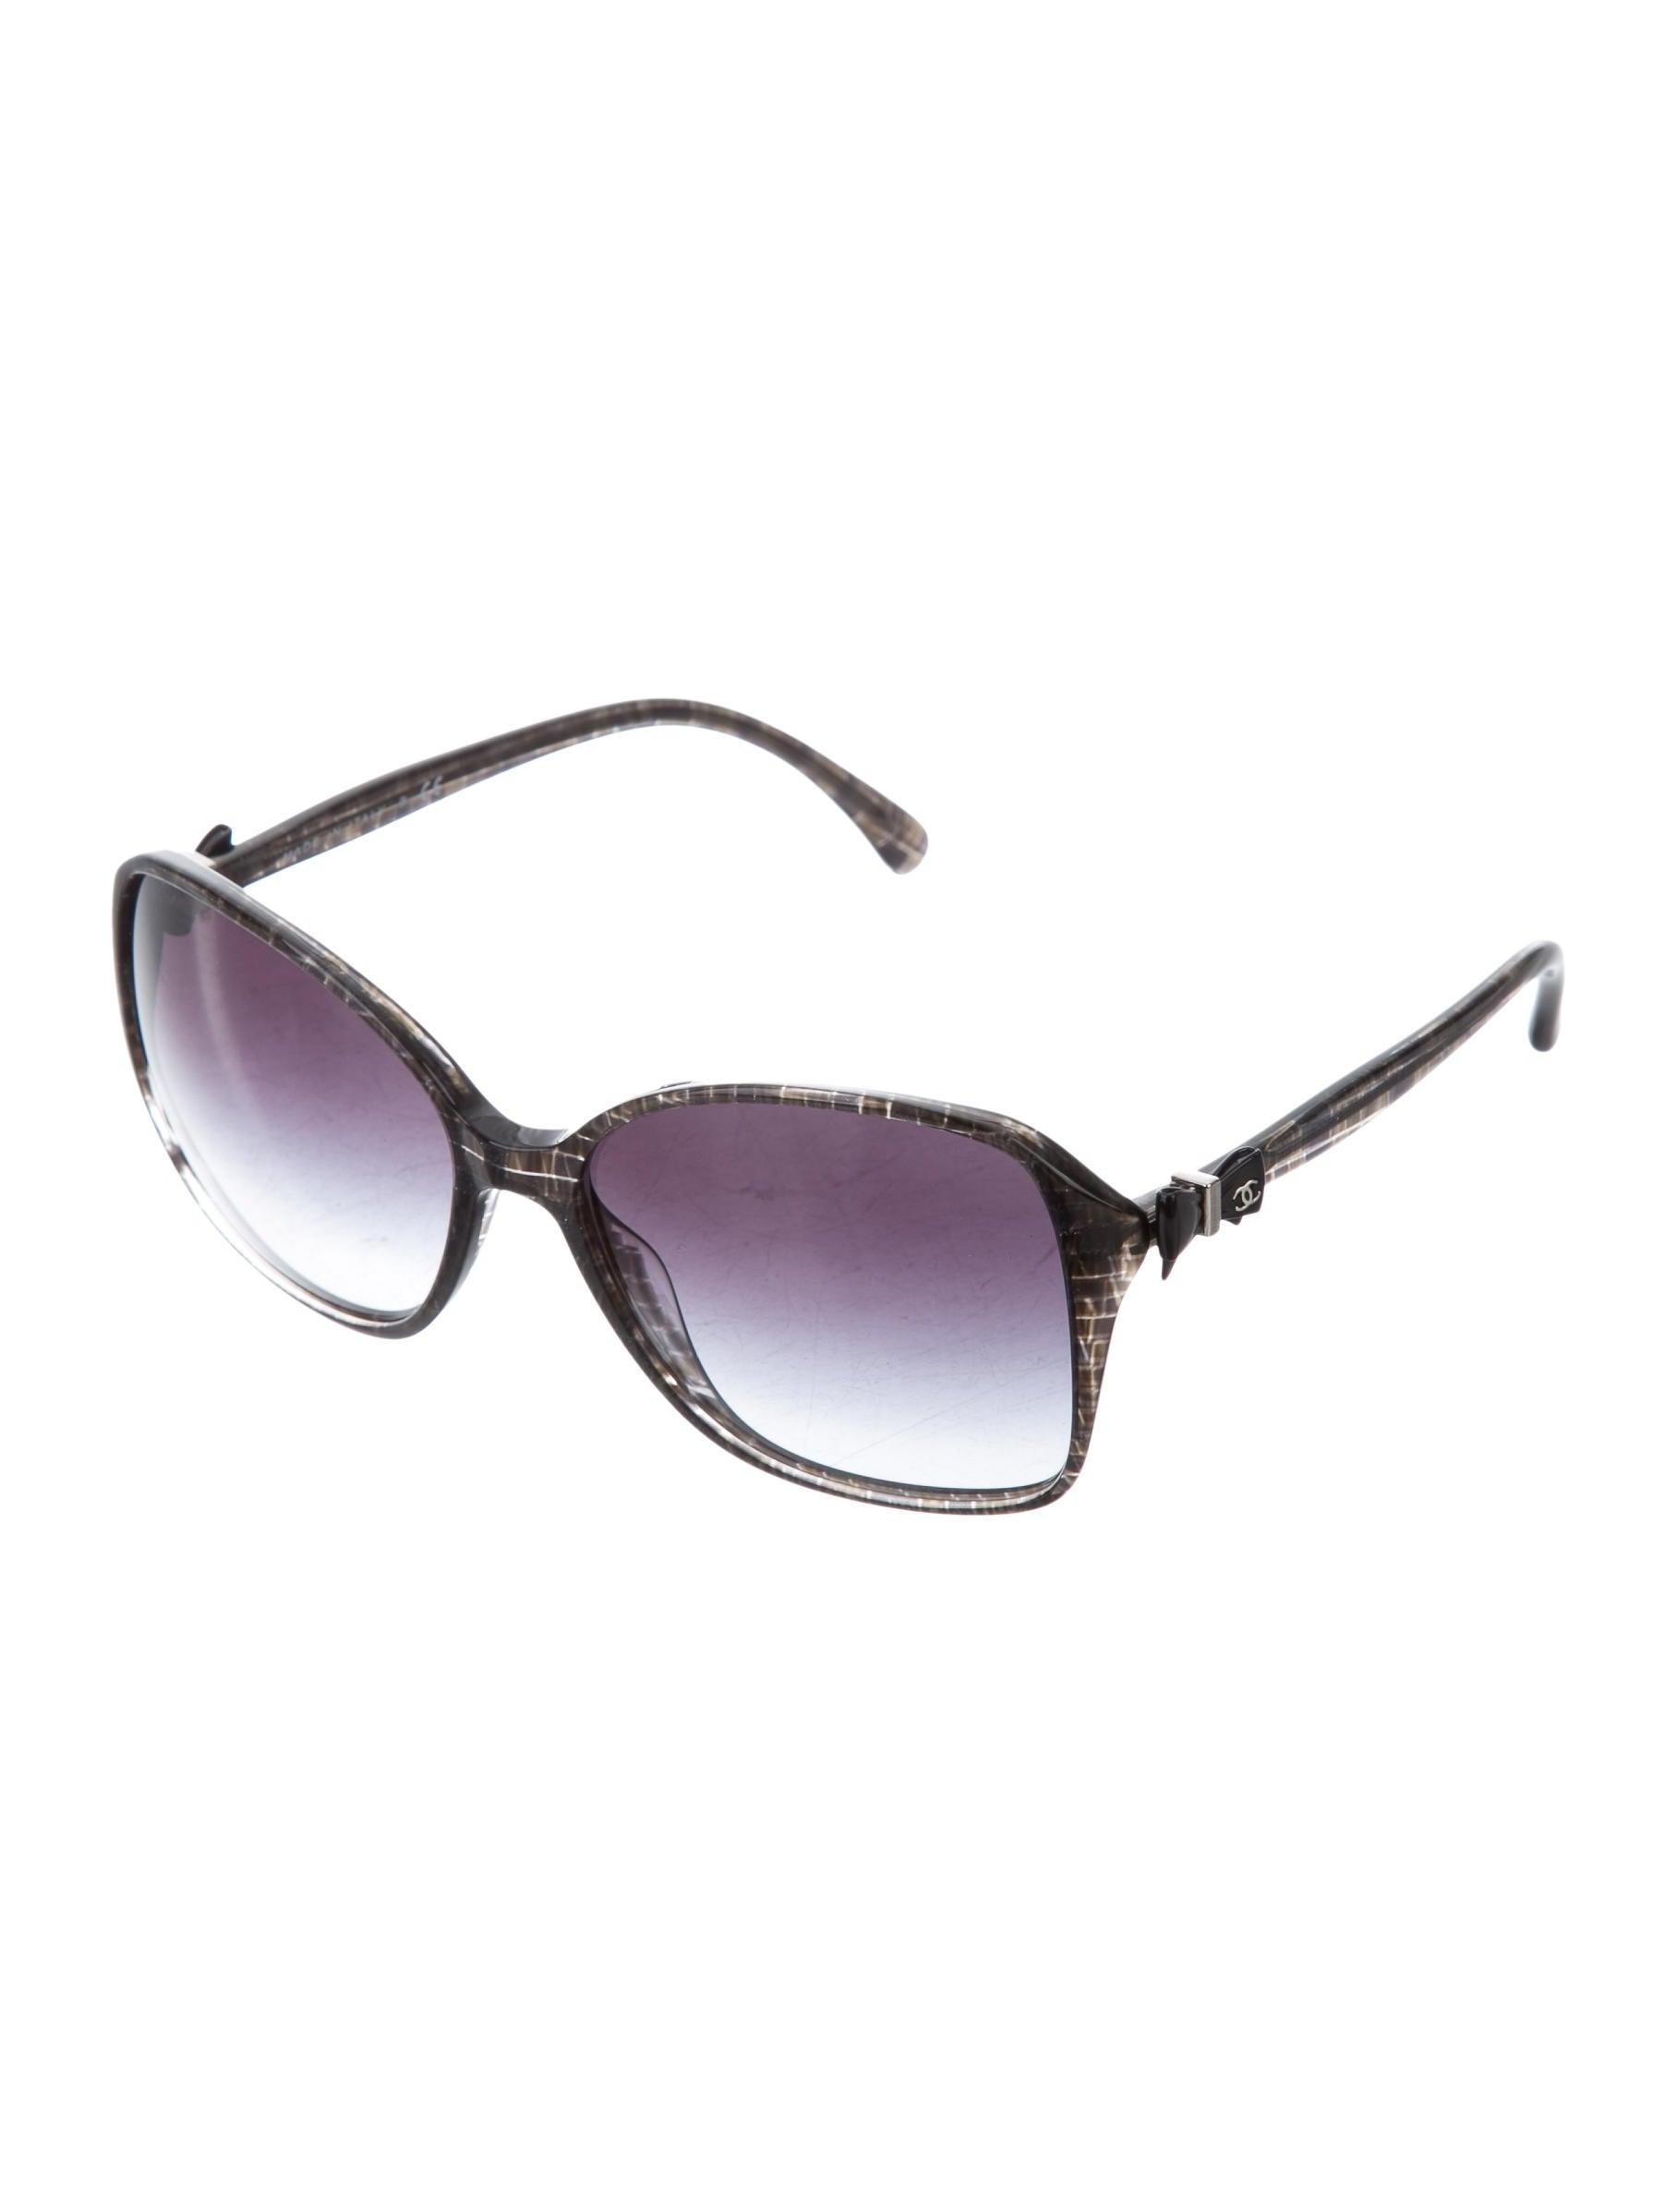 7438f2038638 Chanel Bow Sunglasses Replica